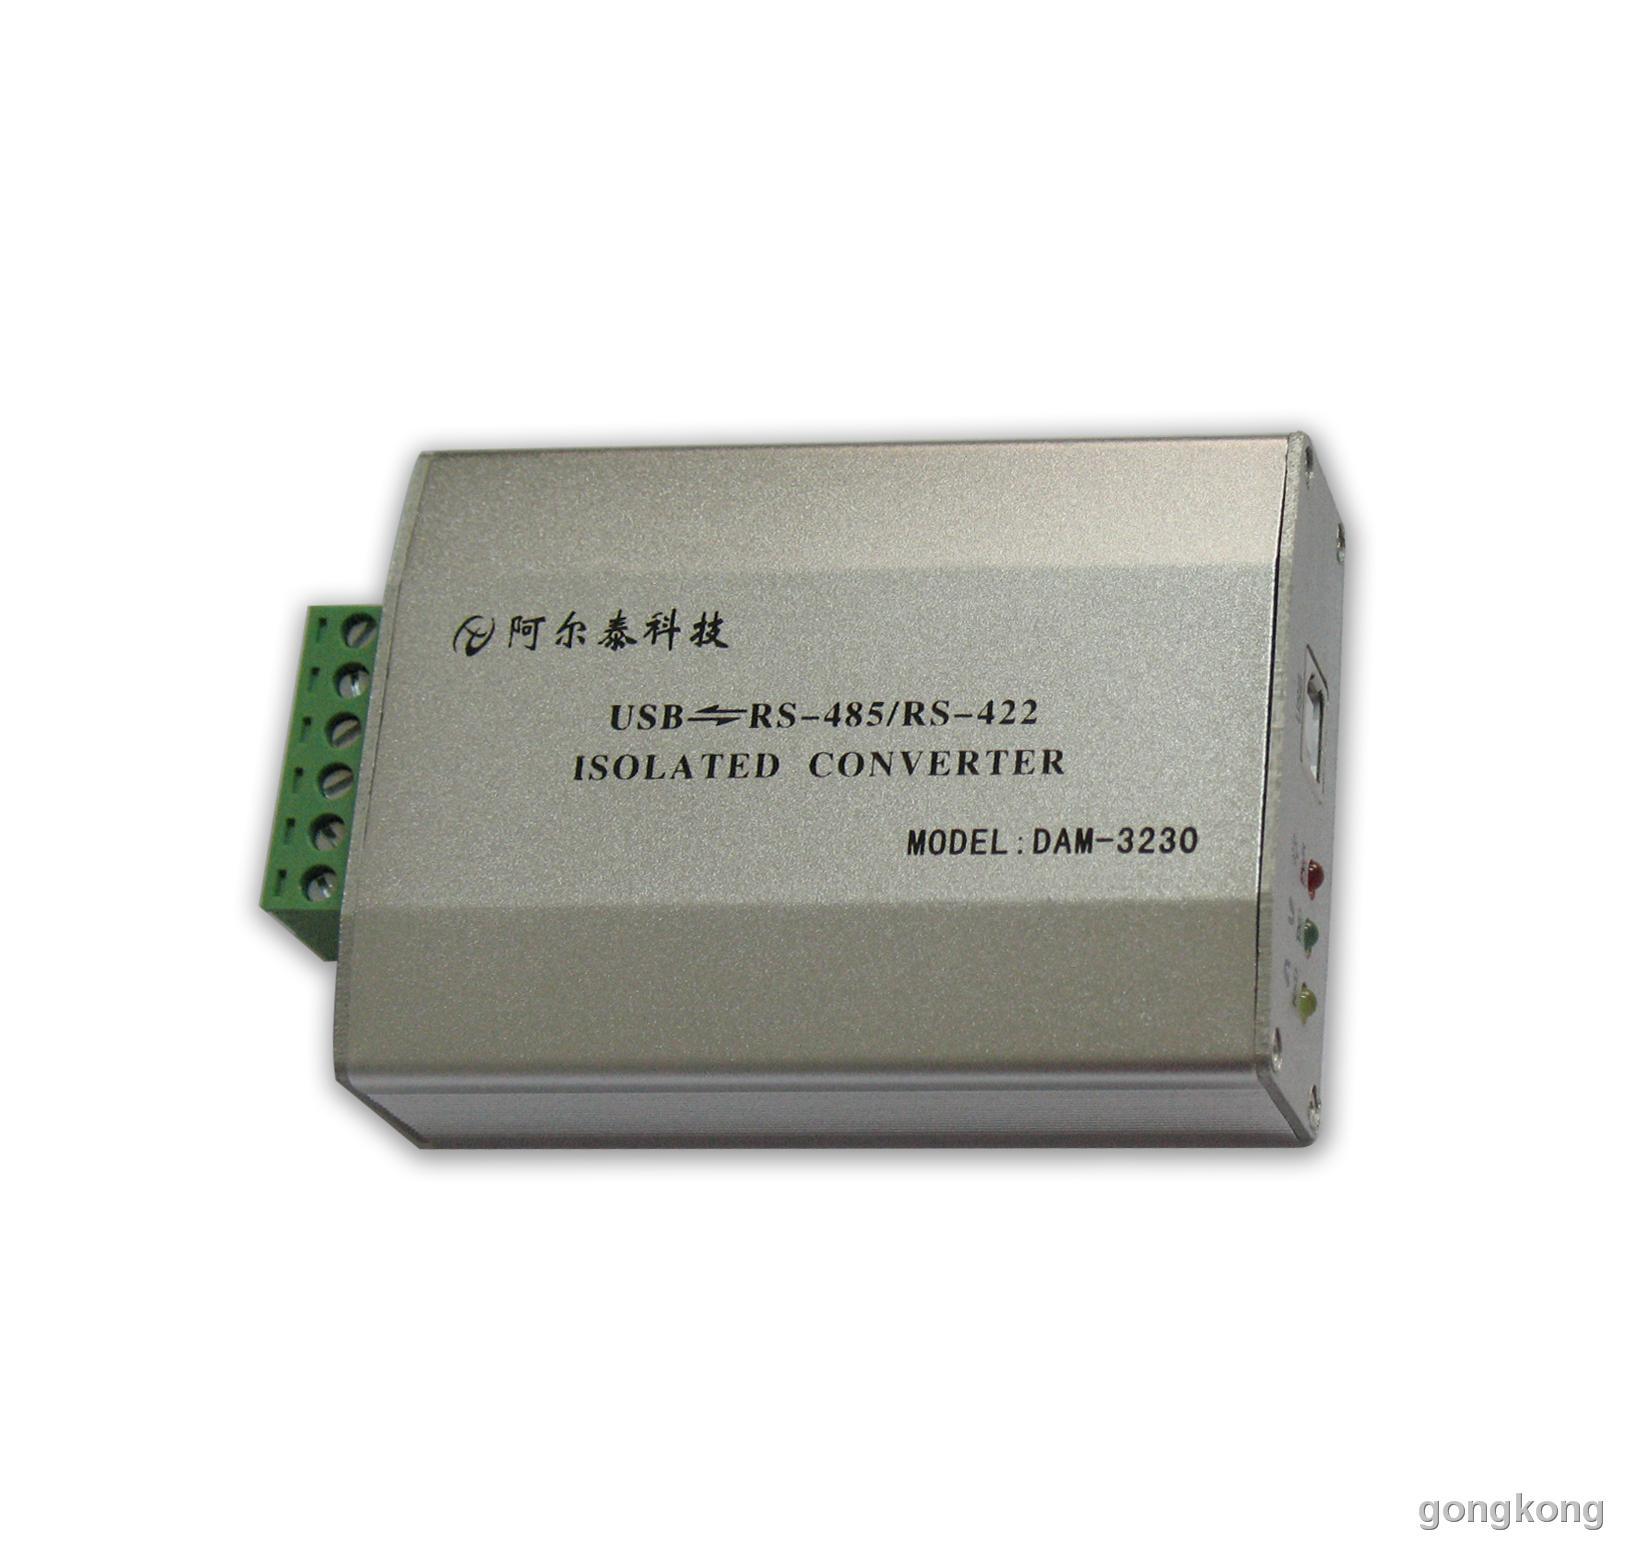 ART-阿尔泰科技DAM-3230-光电隔离型转换器